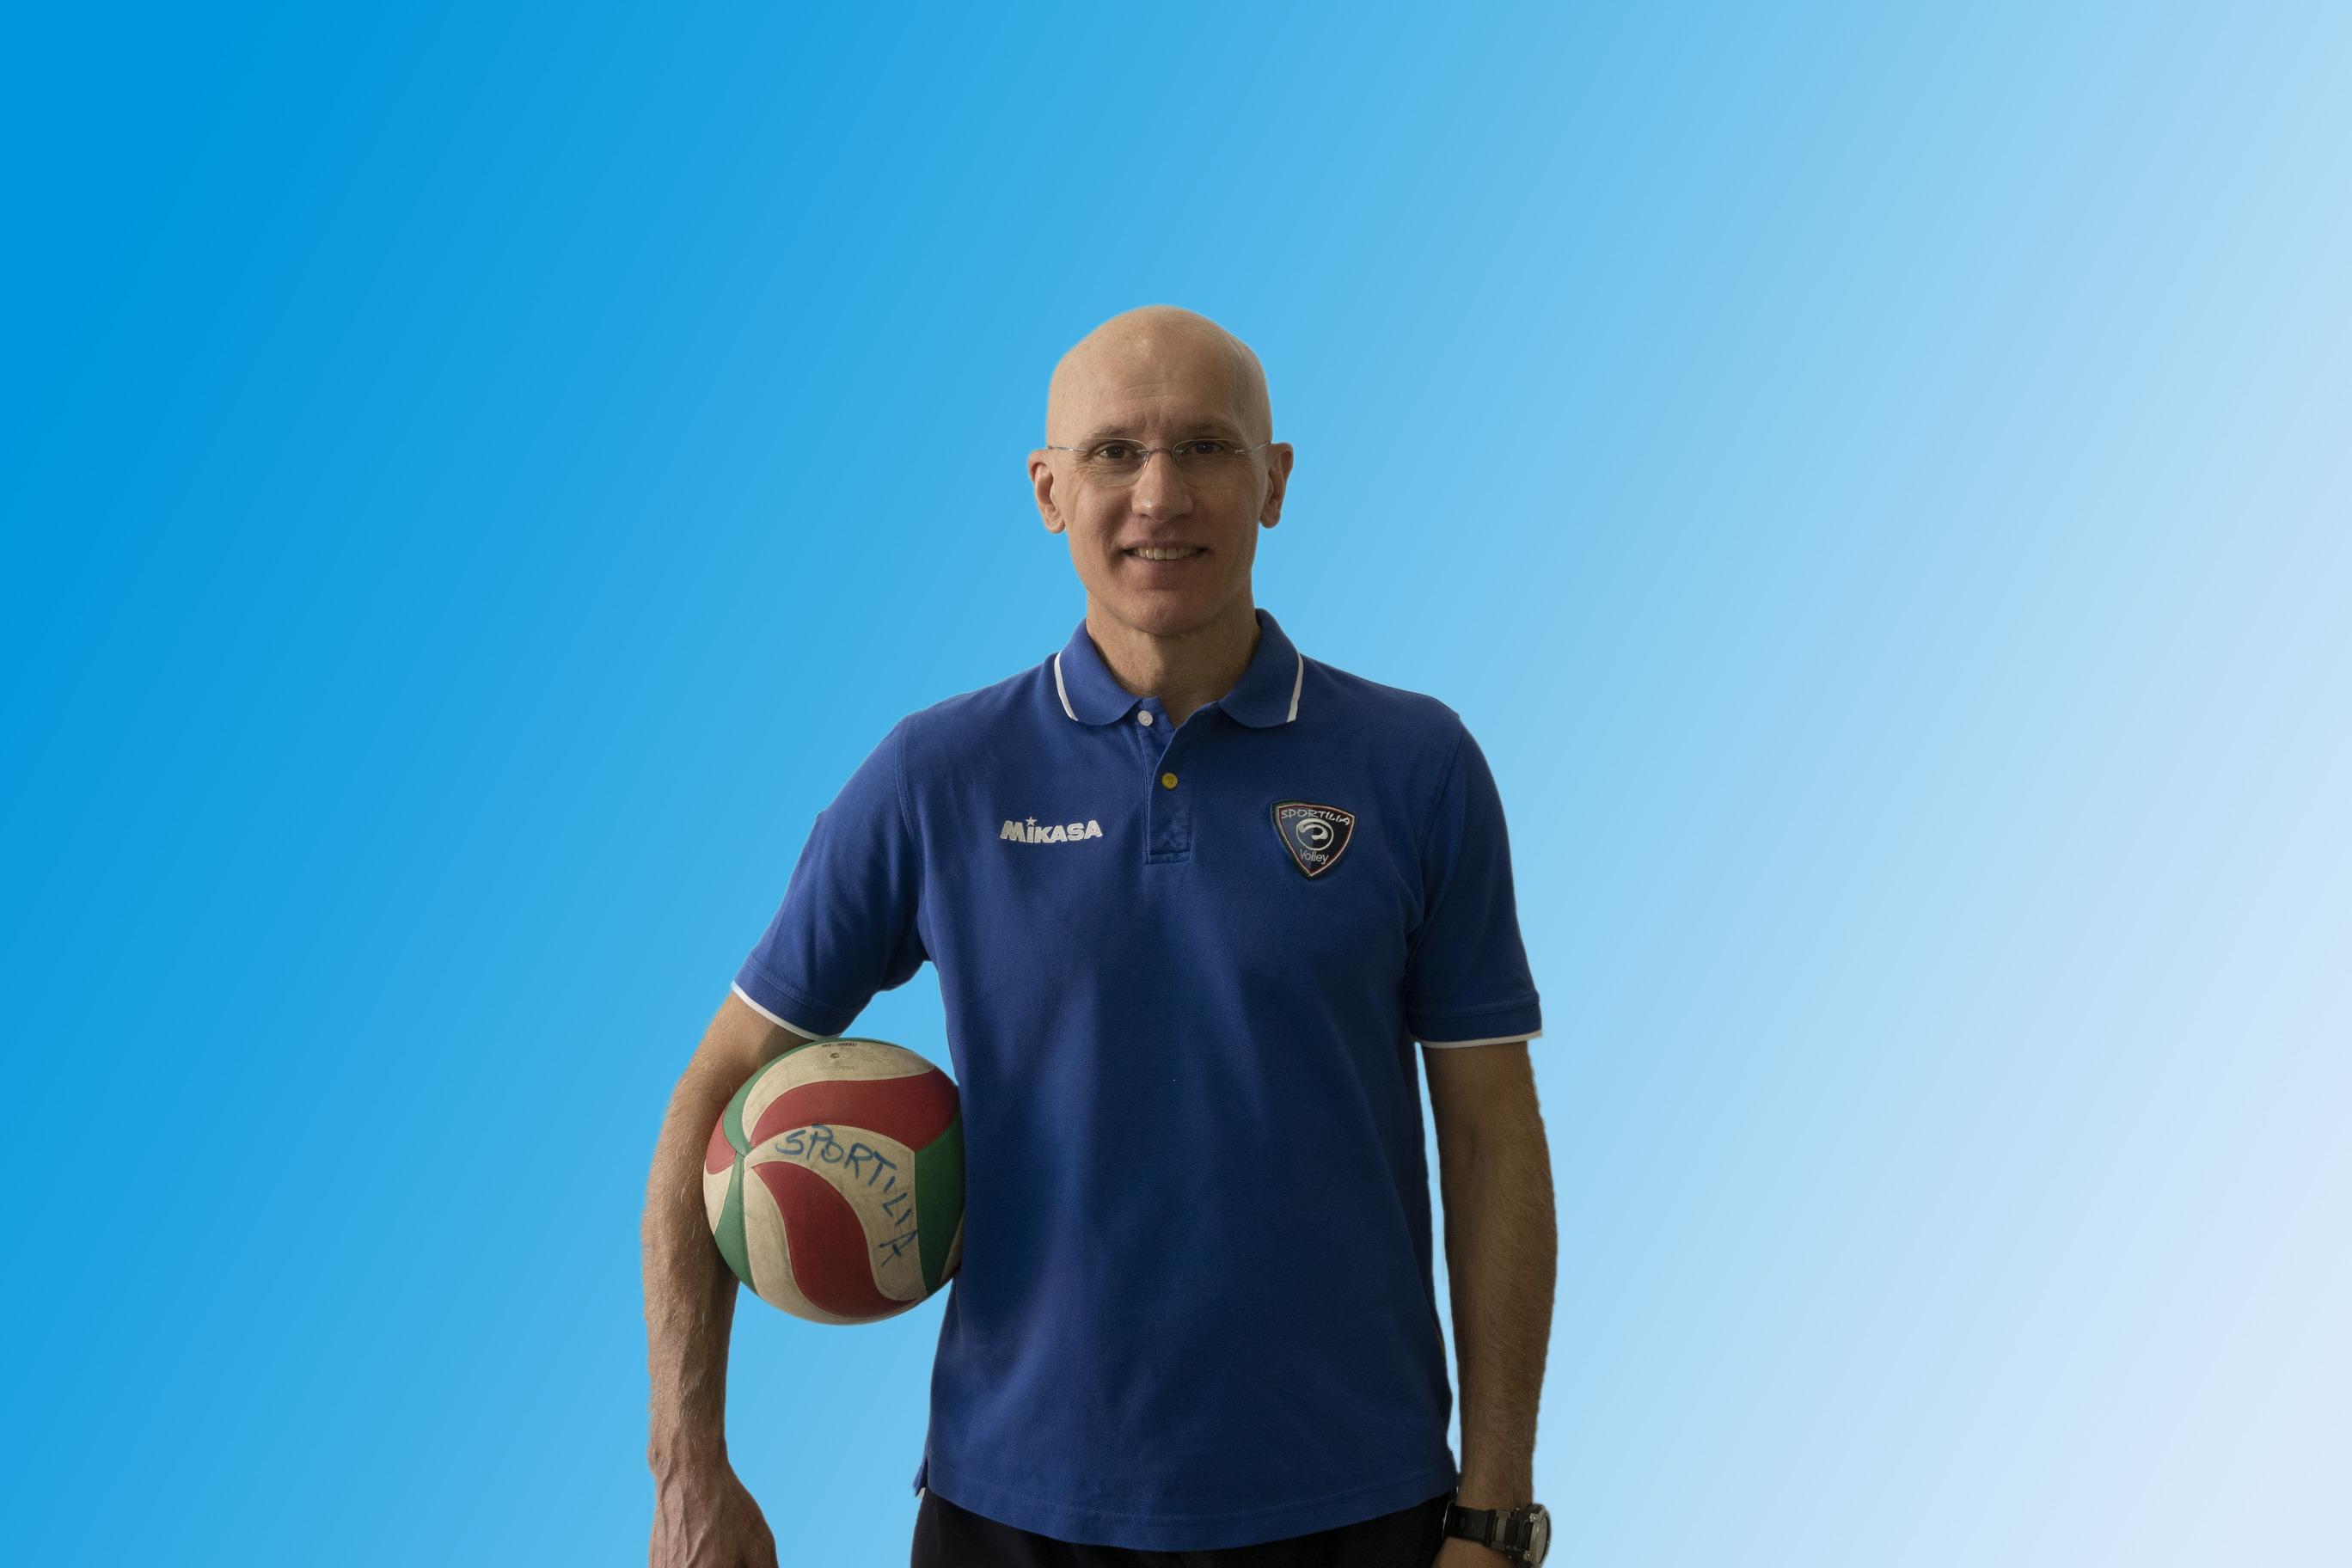 Volley – Sportilia Bisceglie, coach Nicola Nuzzi riconfermato al timone in vista dello storico esordio in serie B2